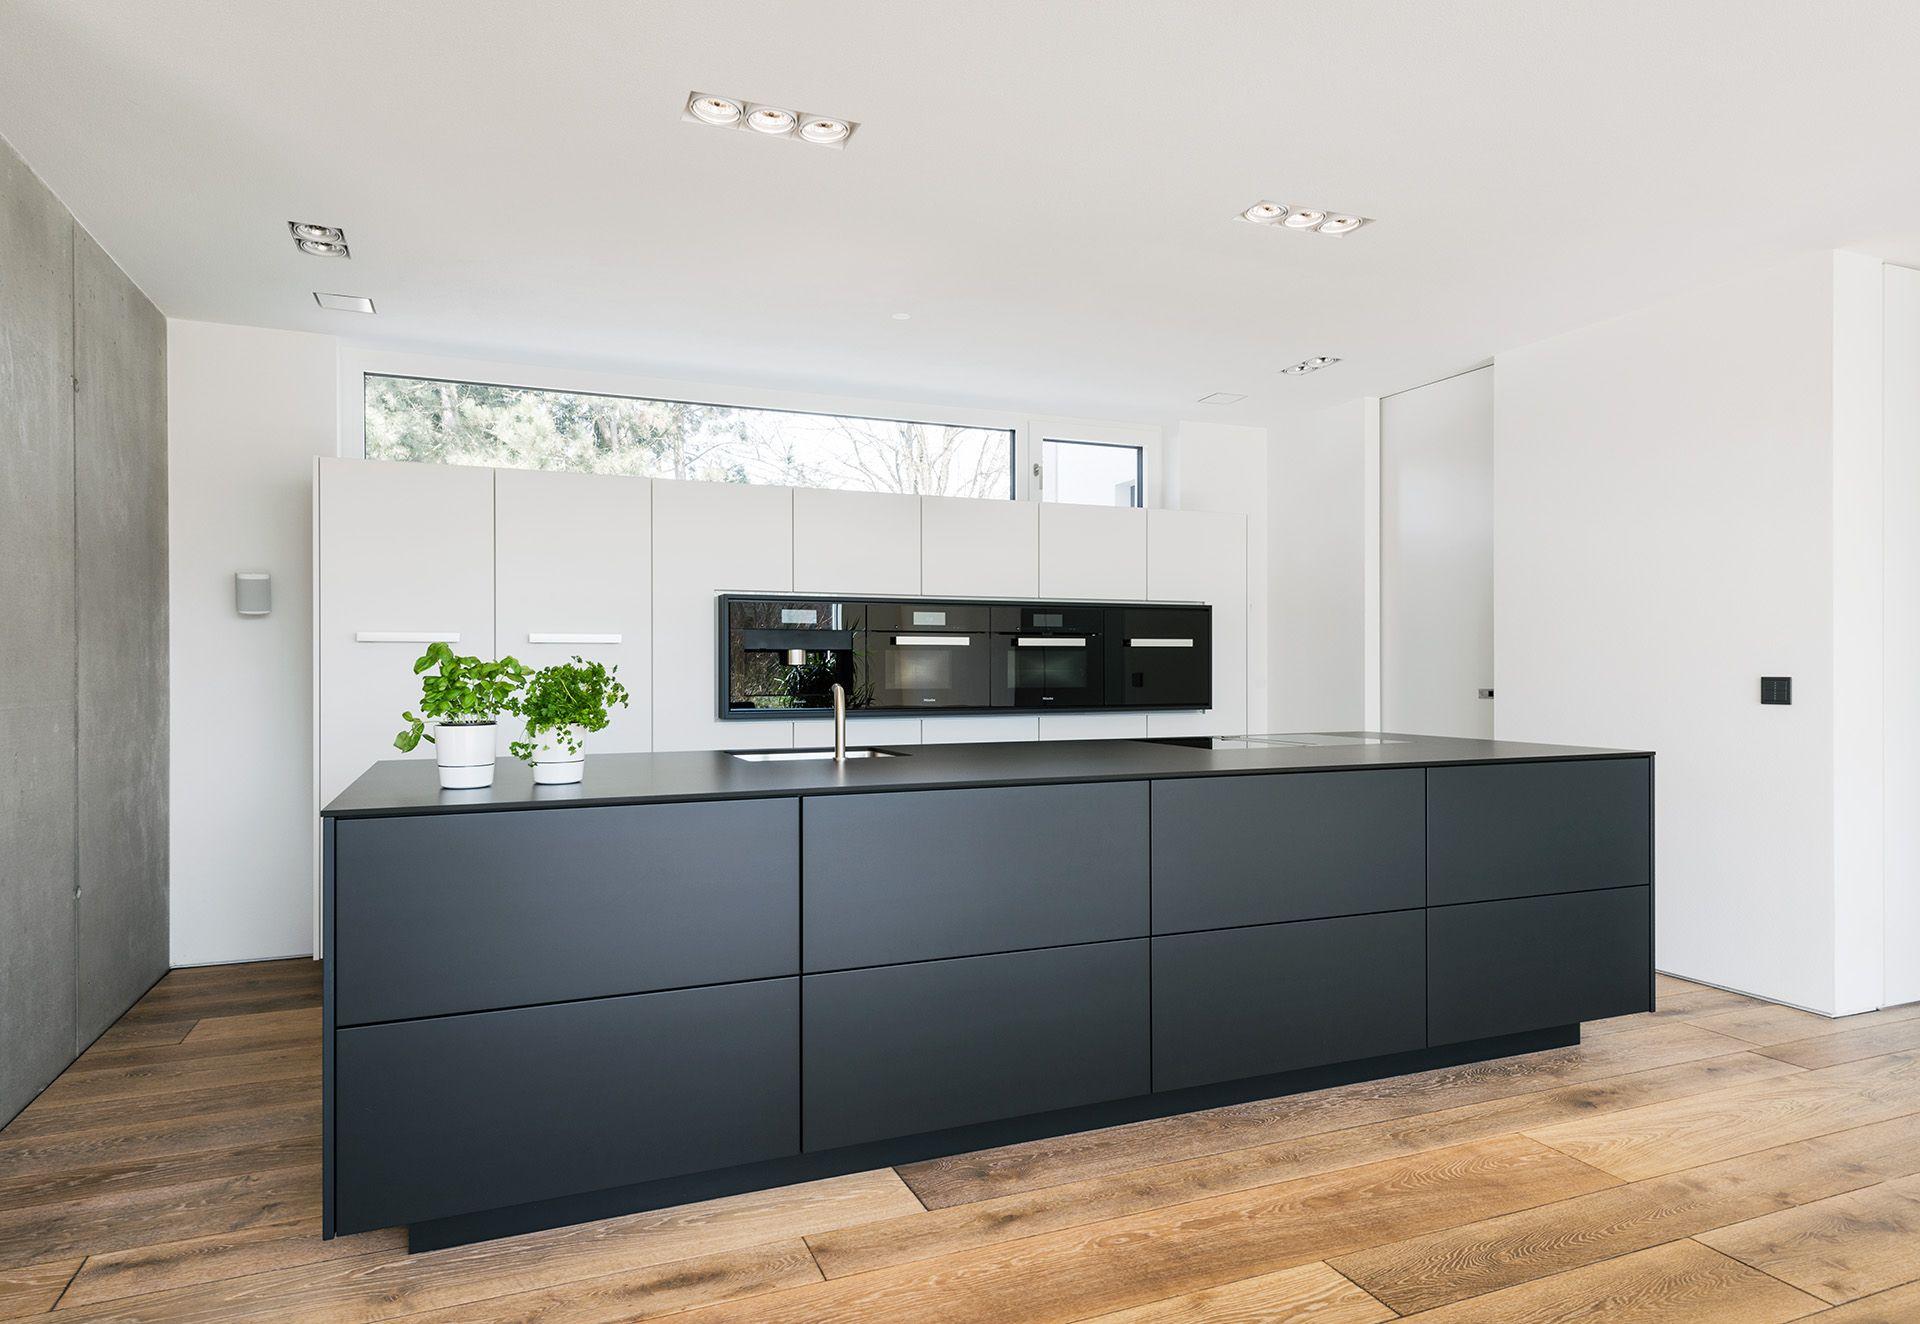 7 x 7 küchendesign küche schwarzweiß  kitchens  pinterest  kitchens haus and